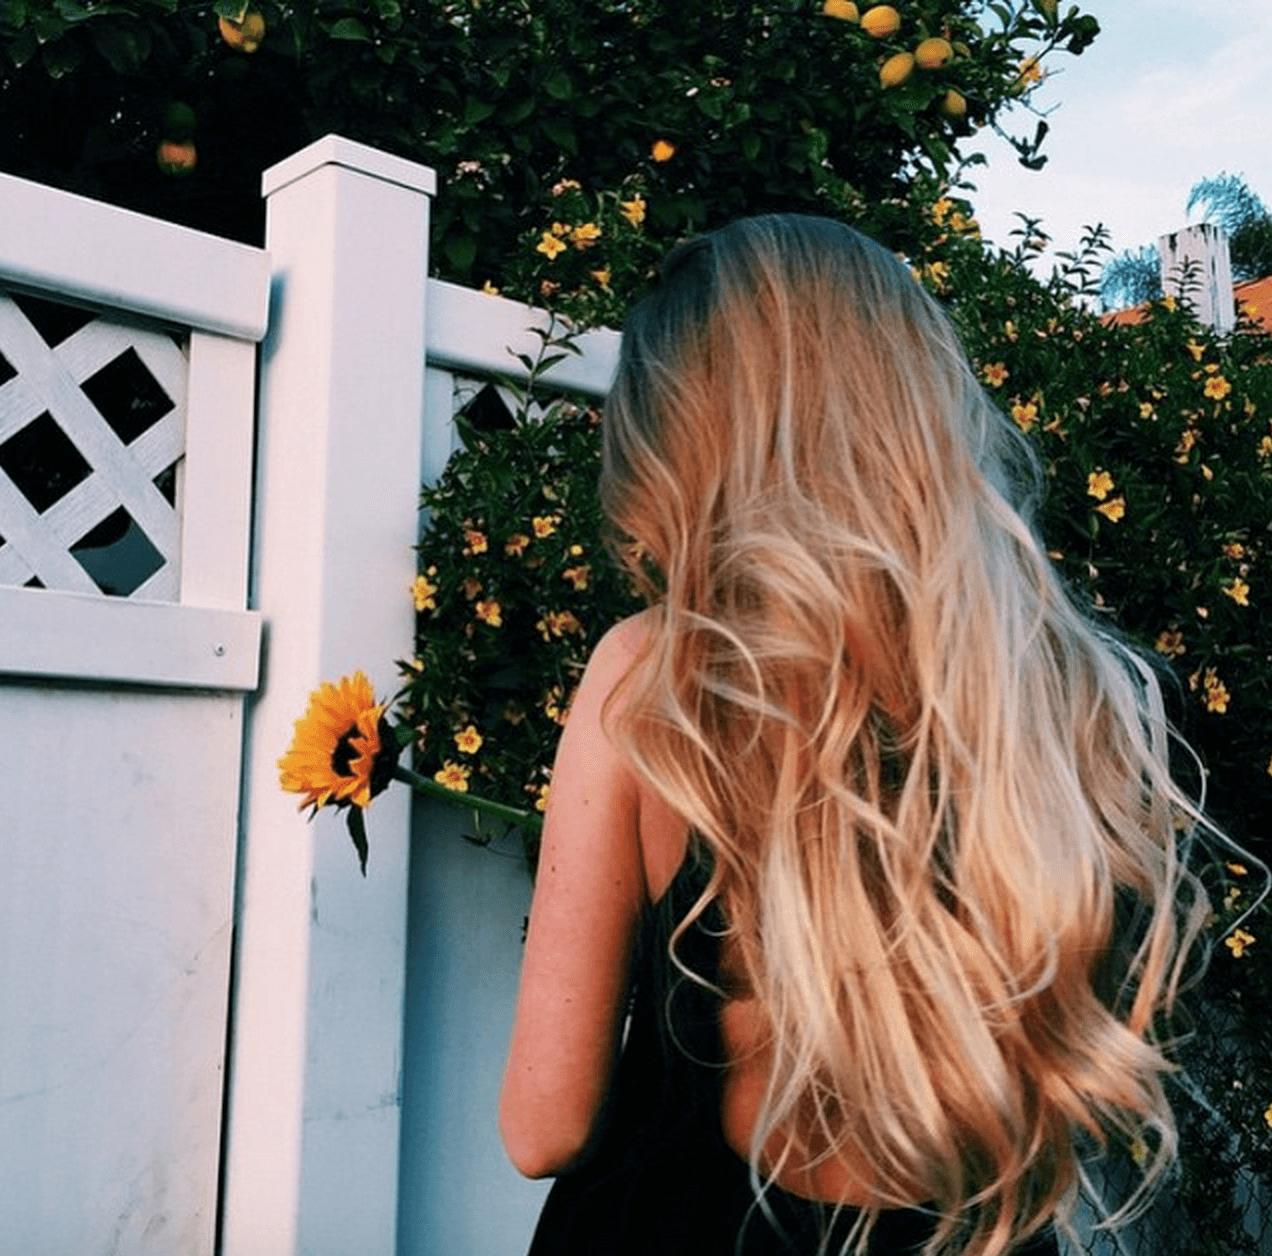 Фото девушек без лица со светлыми волосами сборка 20 фото (2)